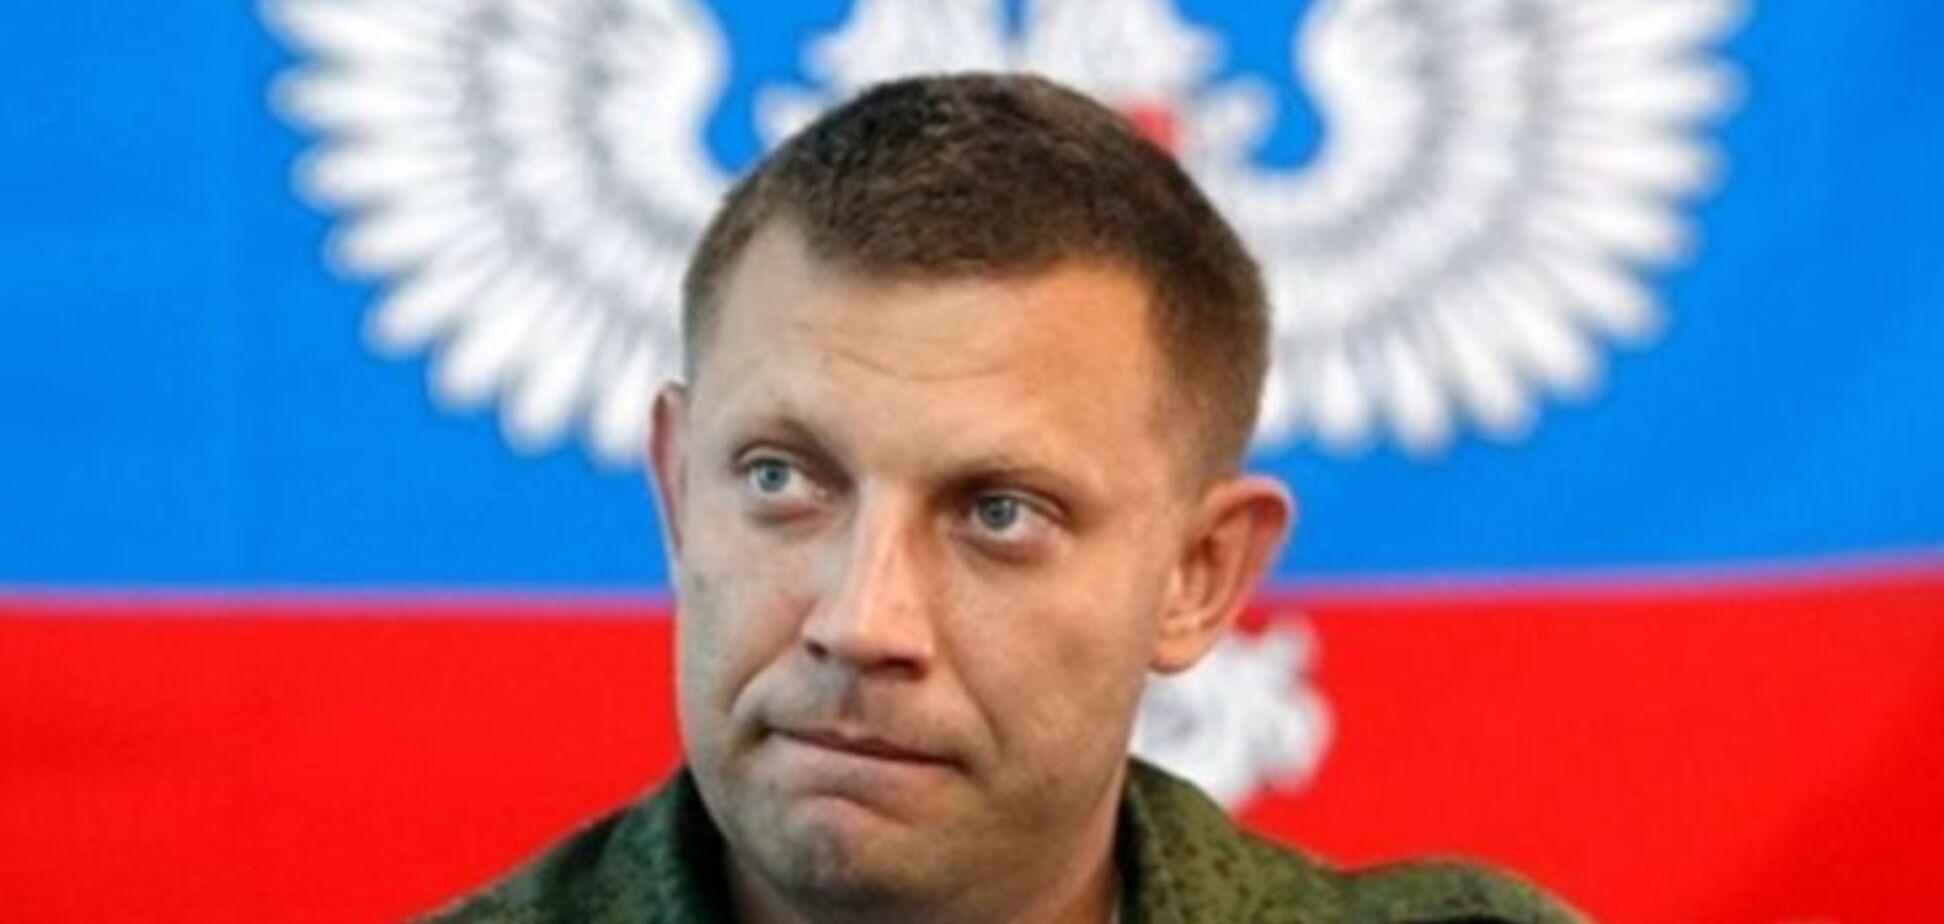 Обмен пленными: главарь 'ДНР' объявил о 'помиловании' украинских заложников